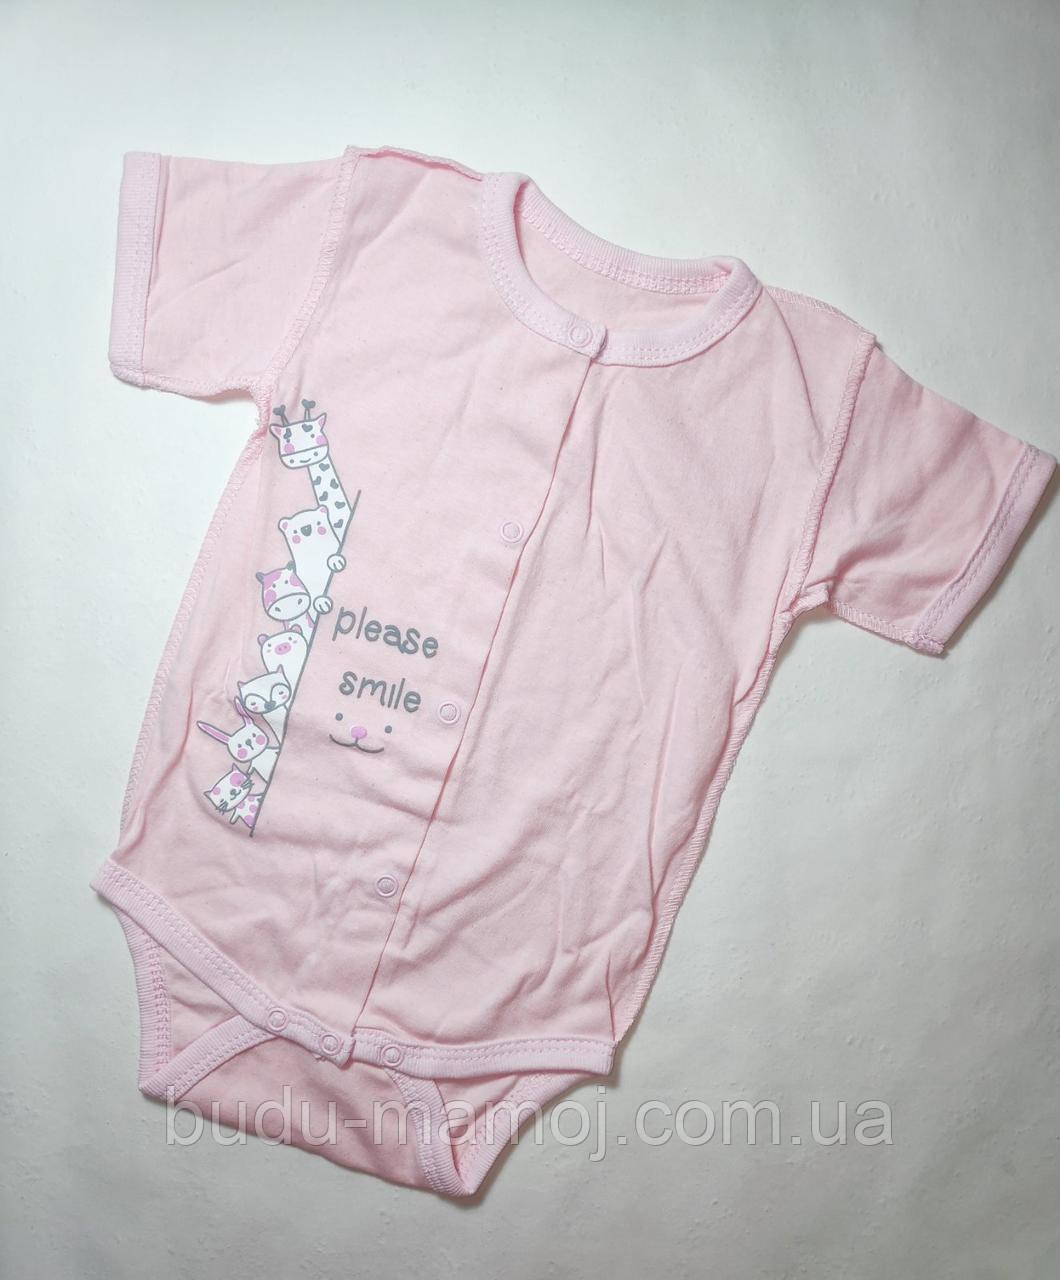 Боди с коротким рукавом для новорожденного 0-3 месяца хлопок